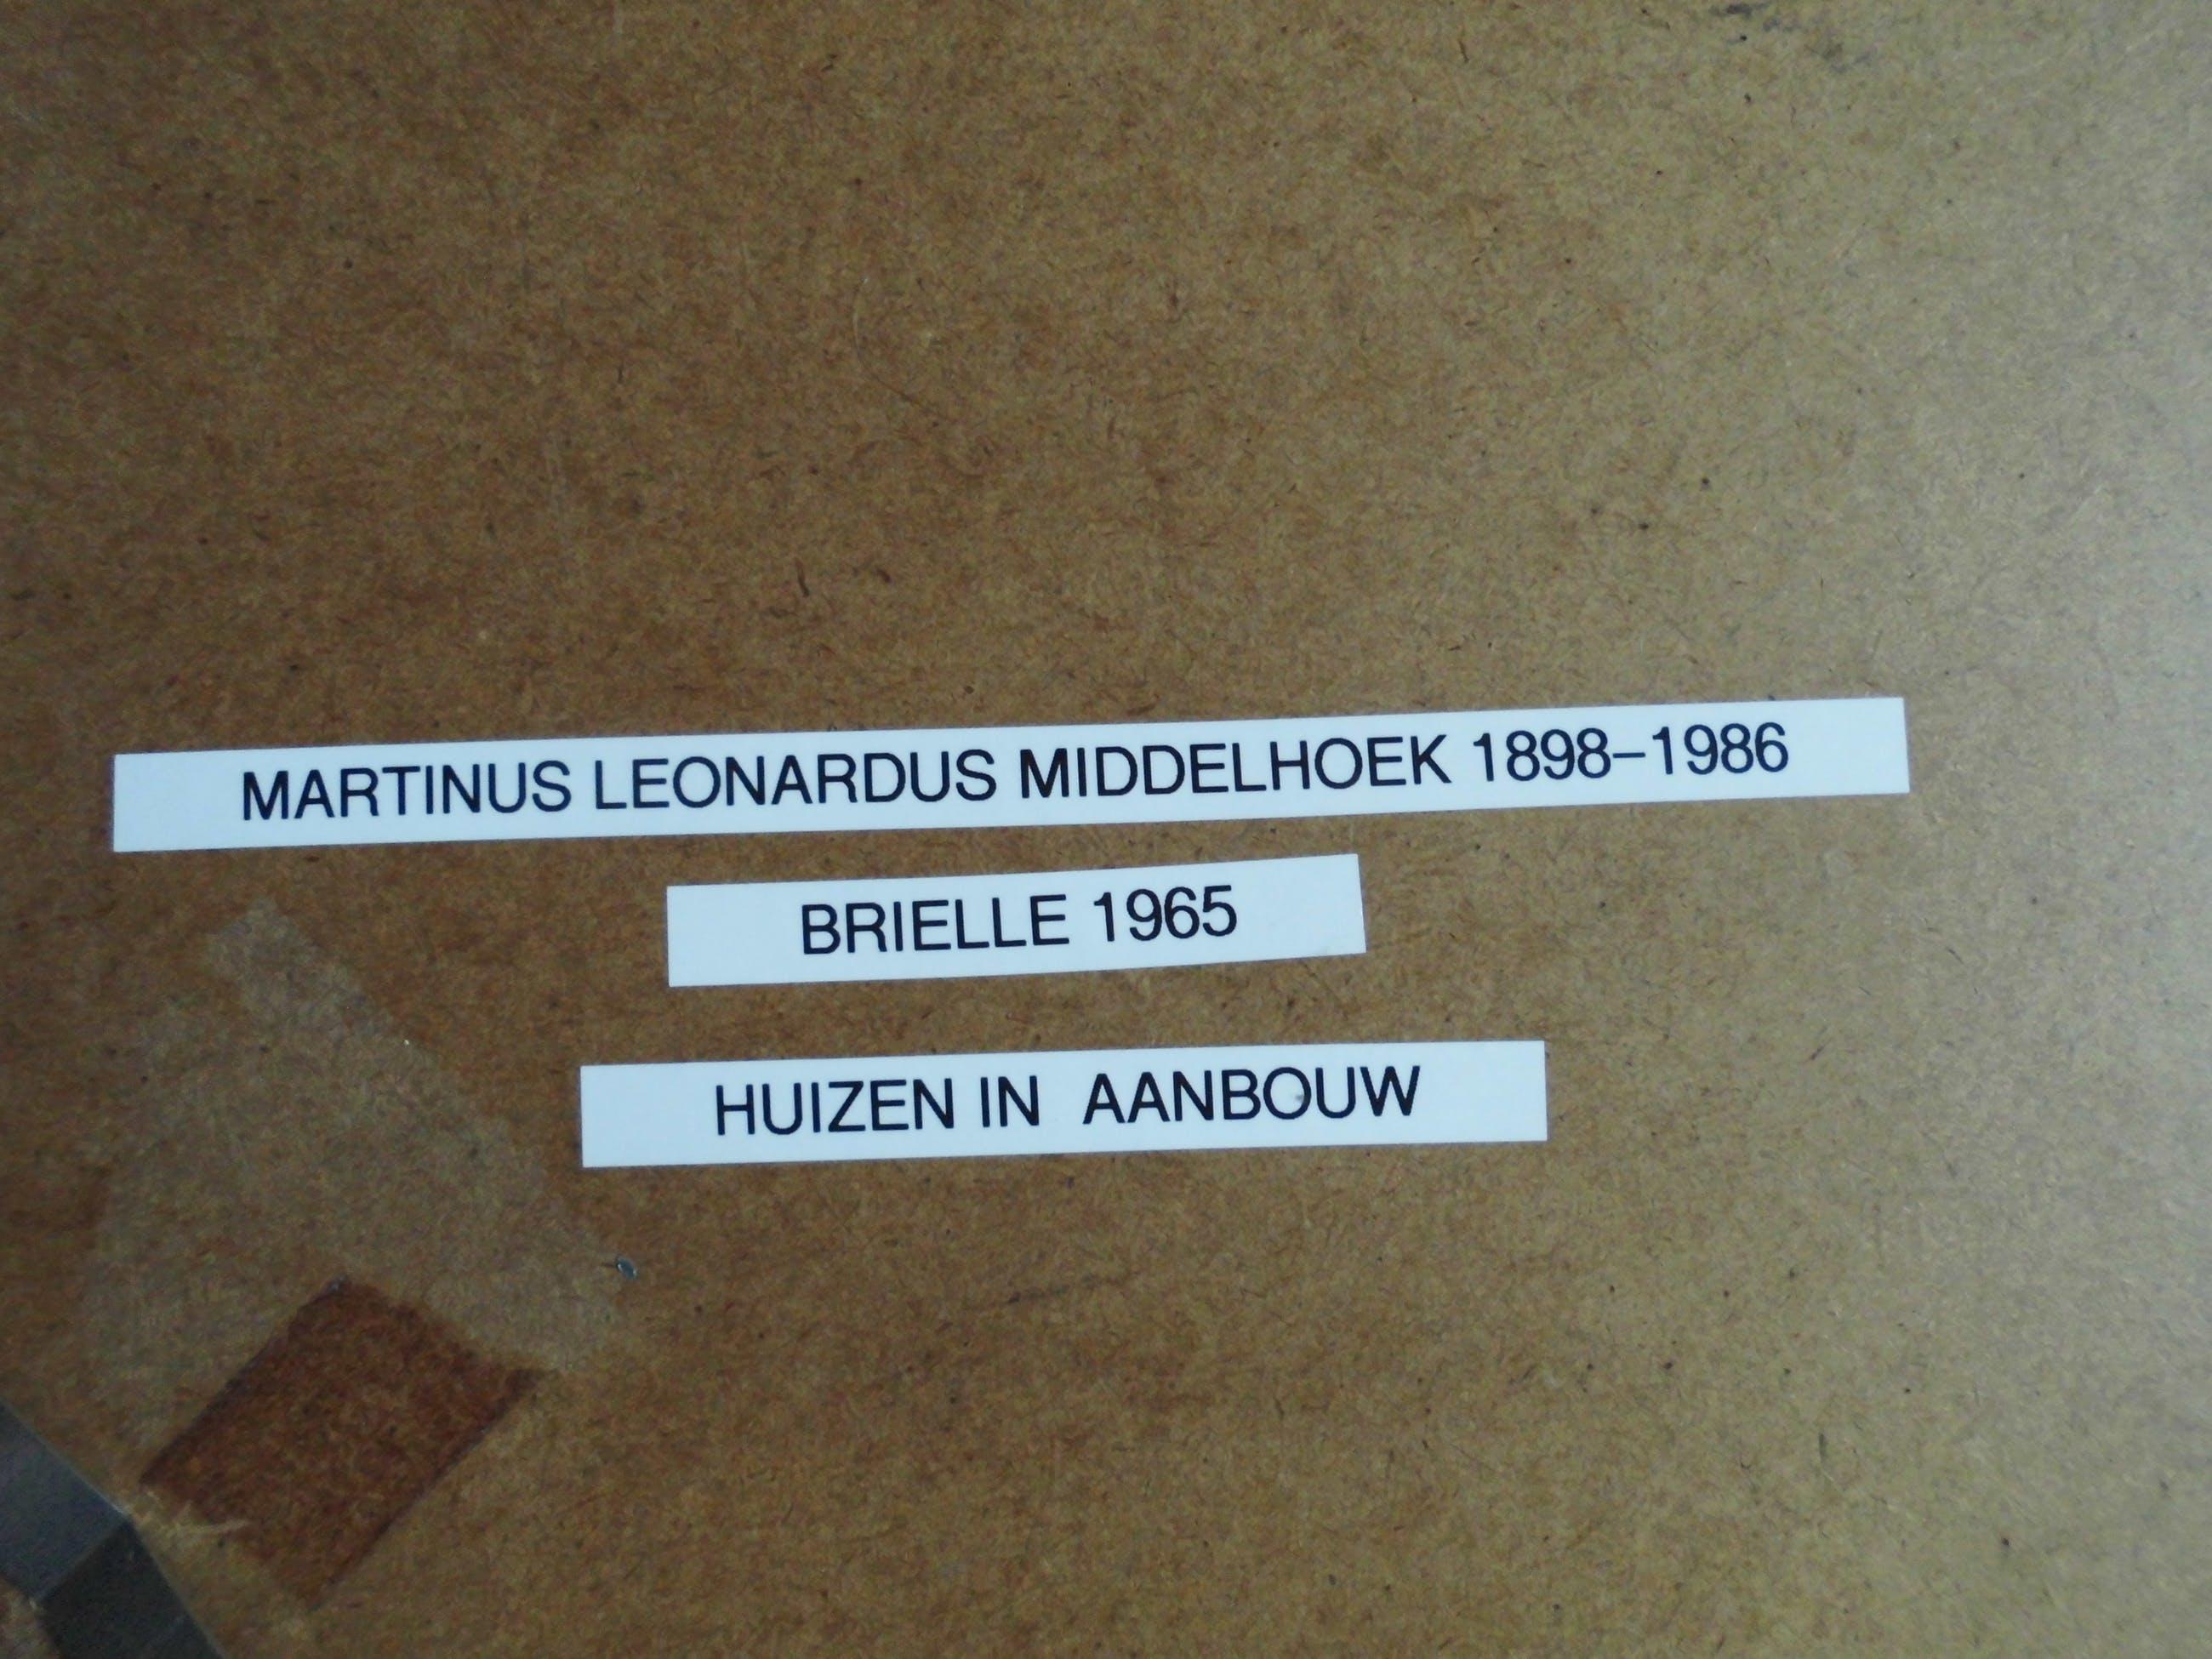 Martinus Leonardus Middelhoek - Aquarel - Huizen in aanbouw Brielle 1965 kopen? Bied vanaf 45!